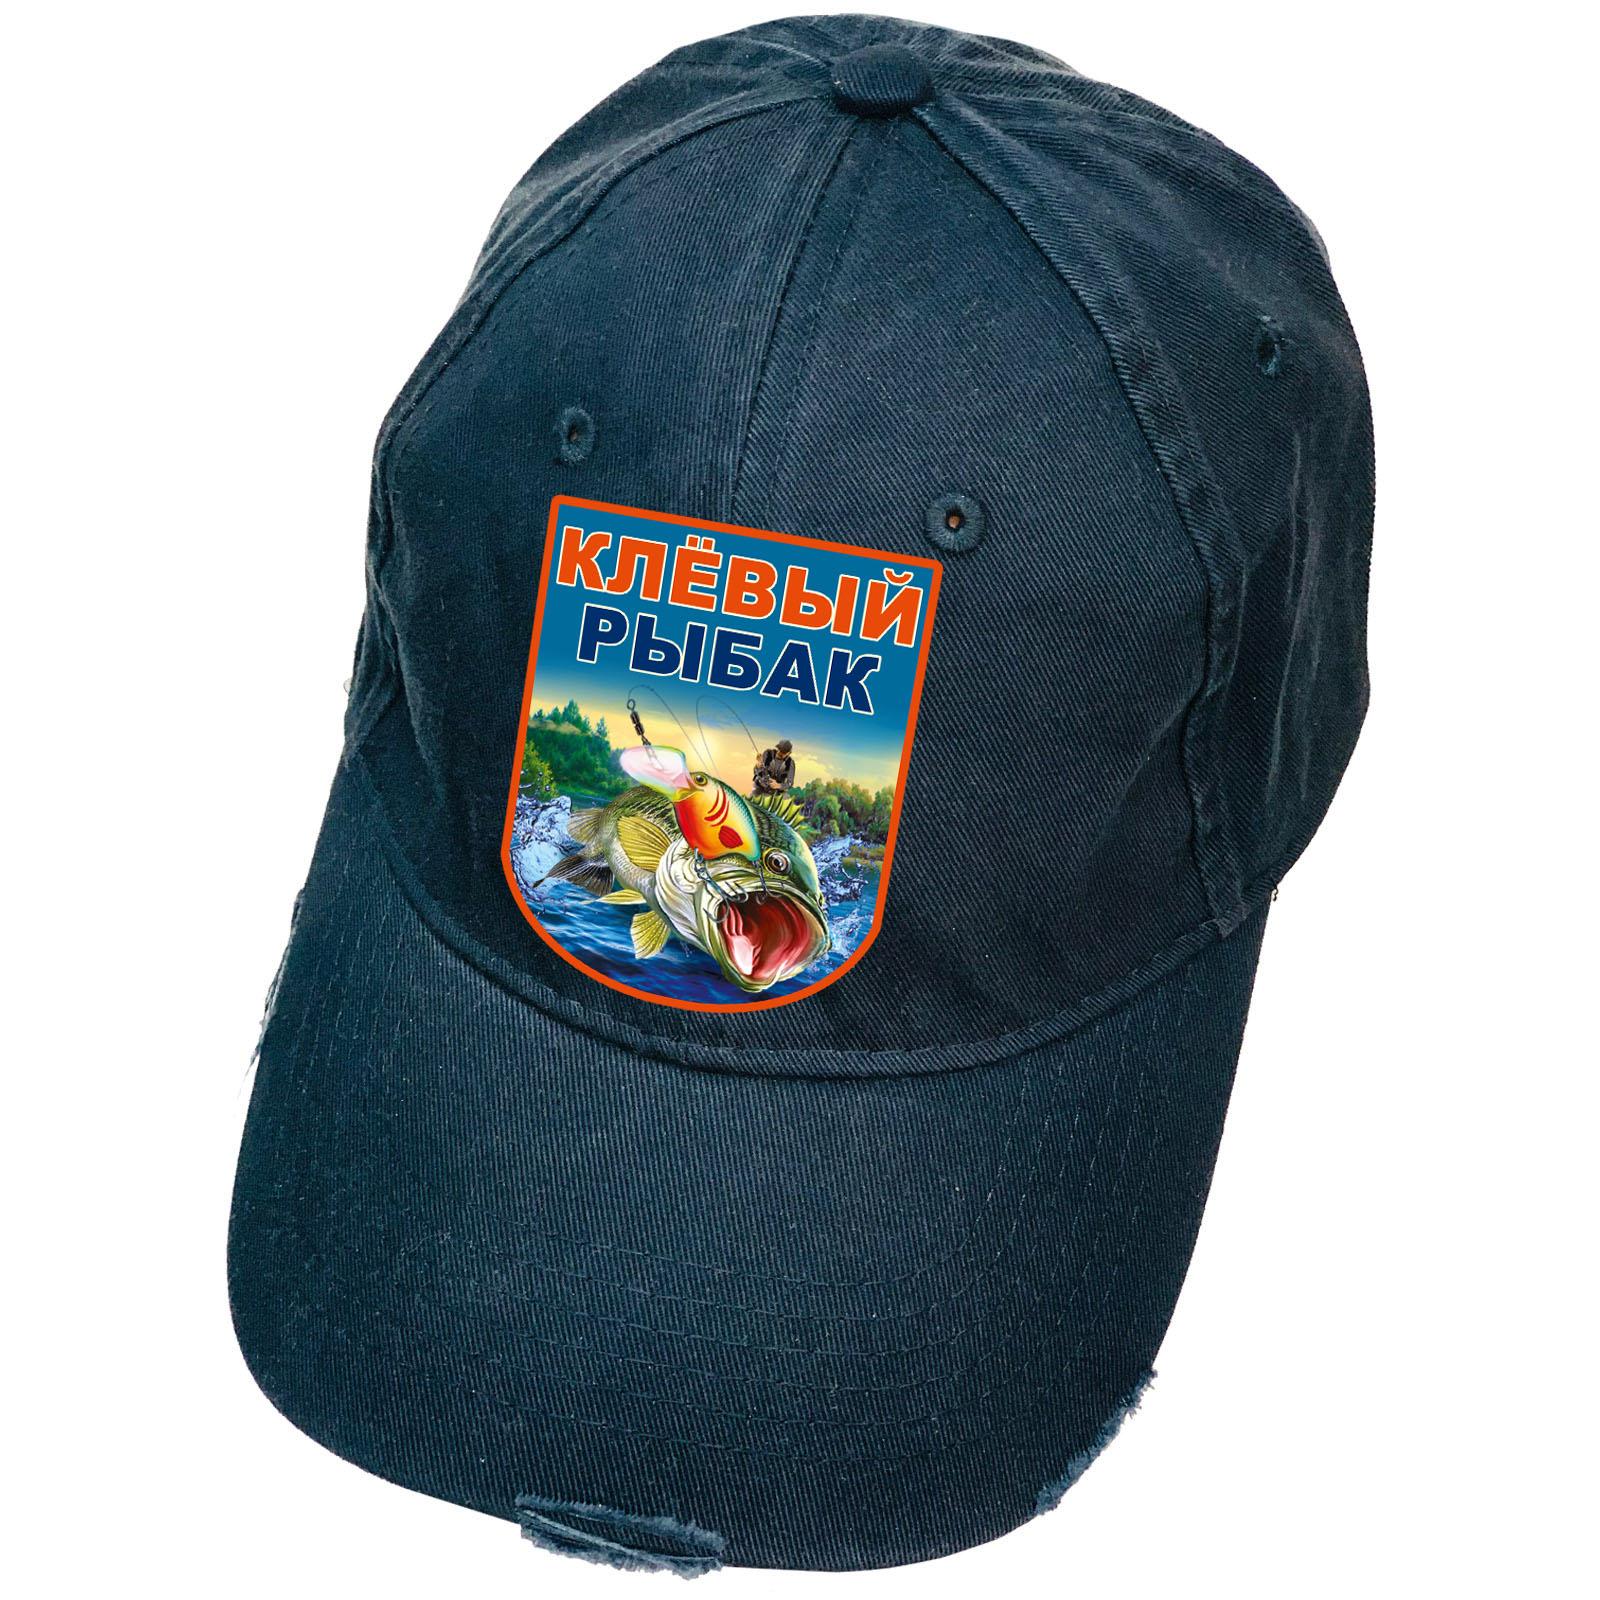 Бейсболка темно-синяя с термотрансфером Клевый Рыбак